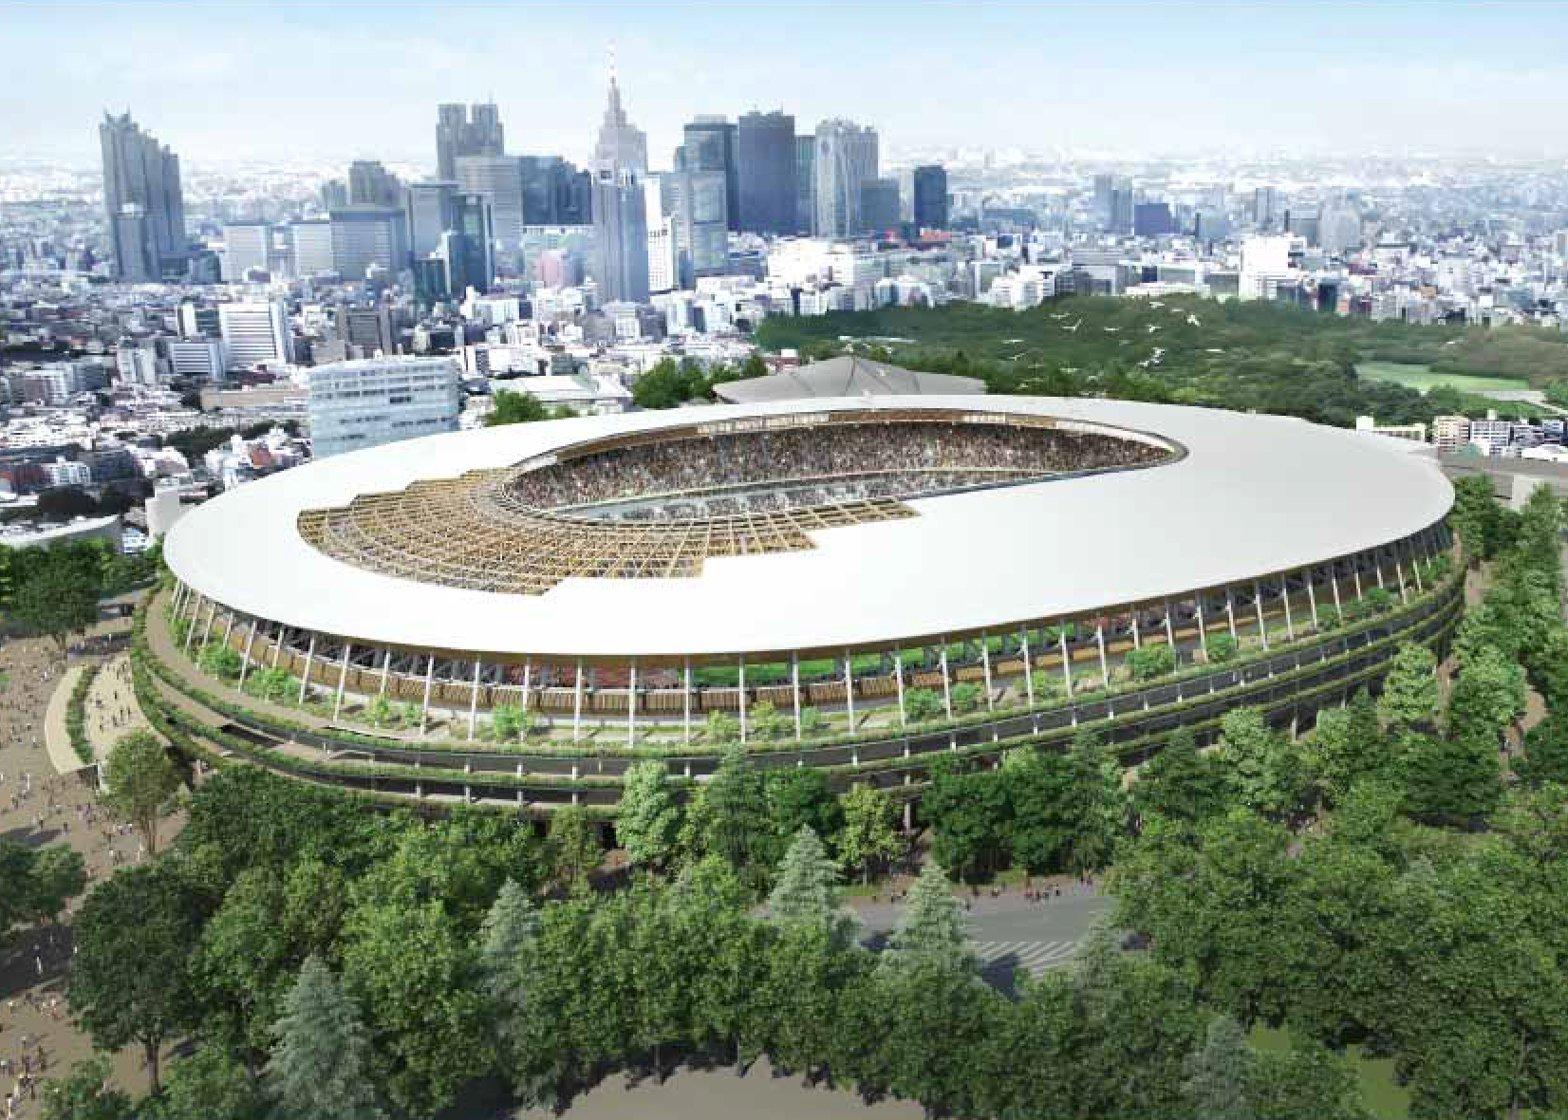 Projeto do Estádio Olímpico de Tóquio 2020, do arquiteto Kengo Kuma